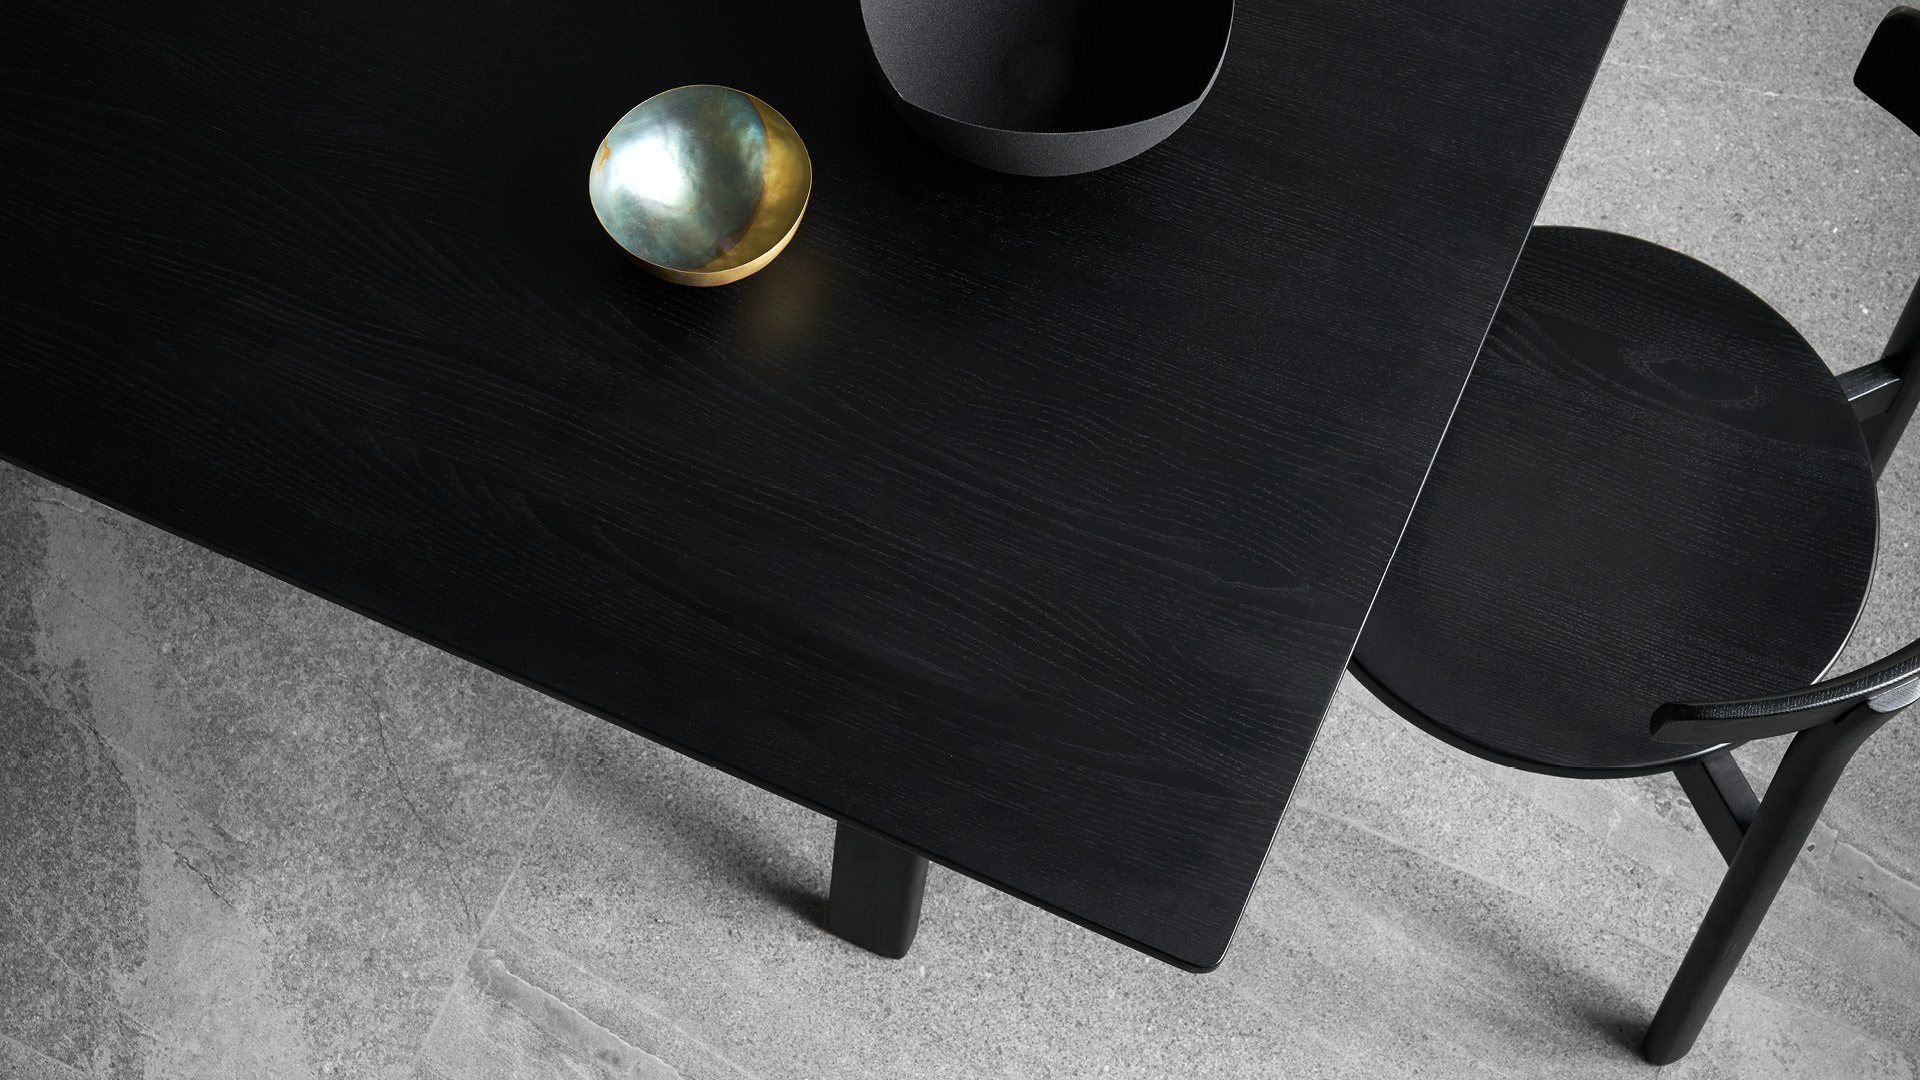 朴素木纹肌理,便是空间最好装饰